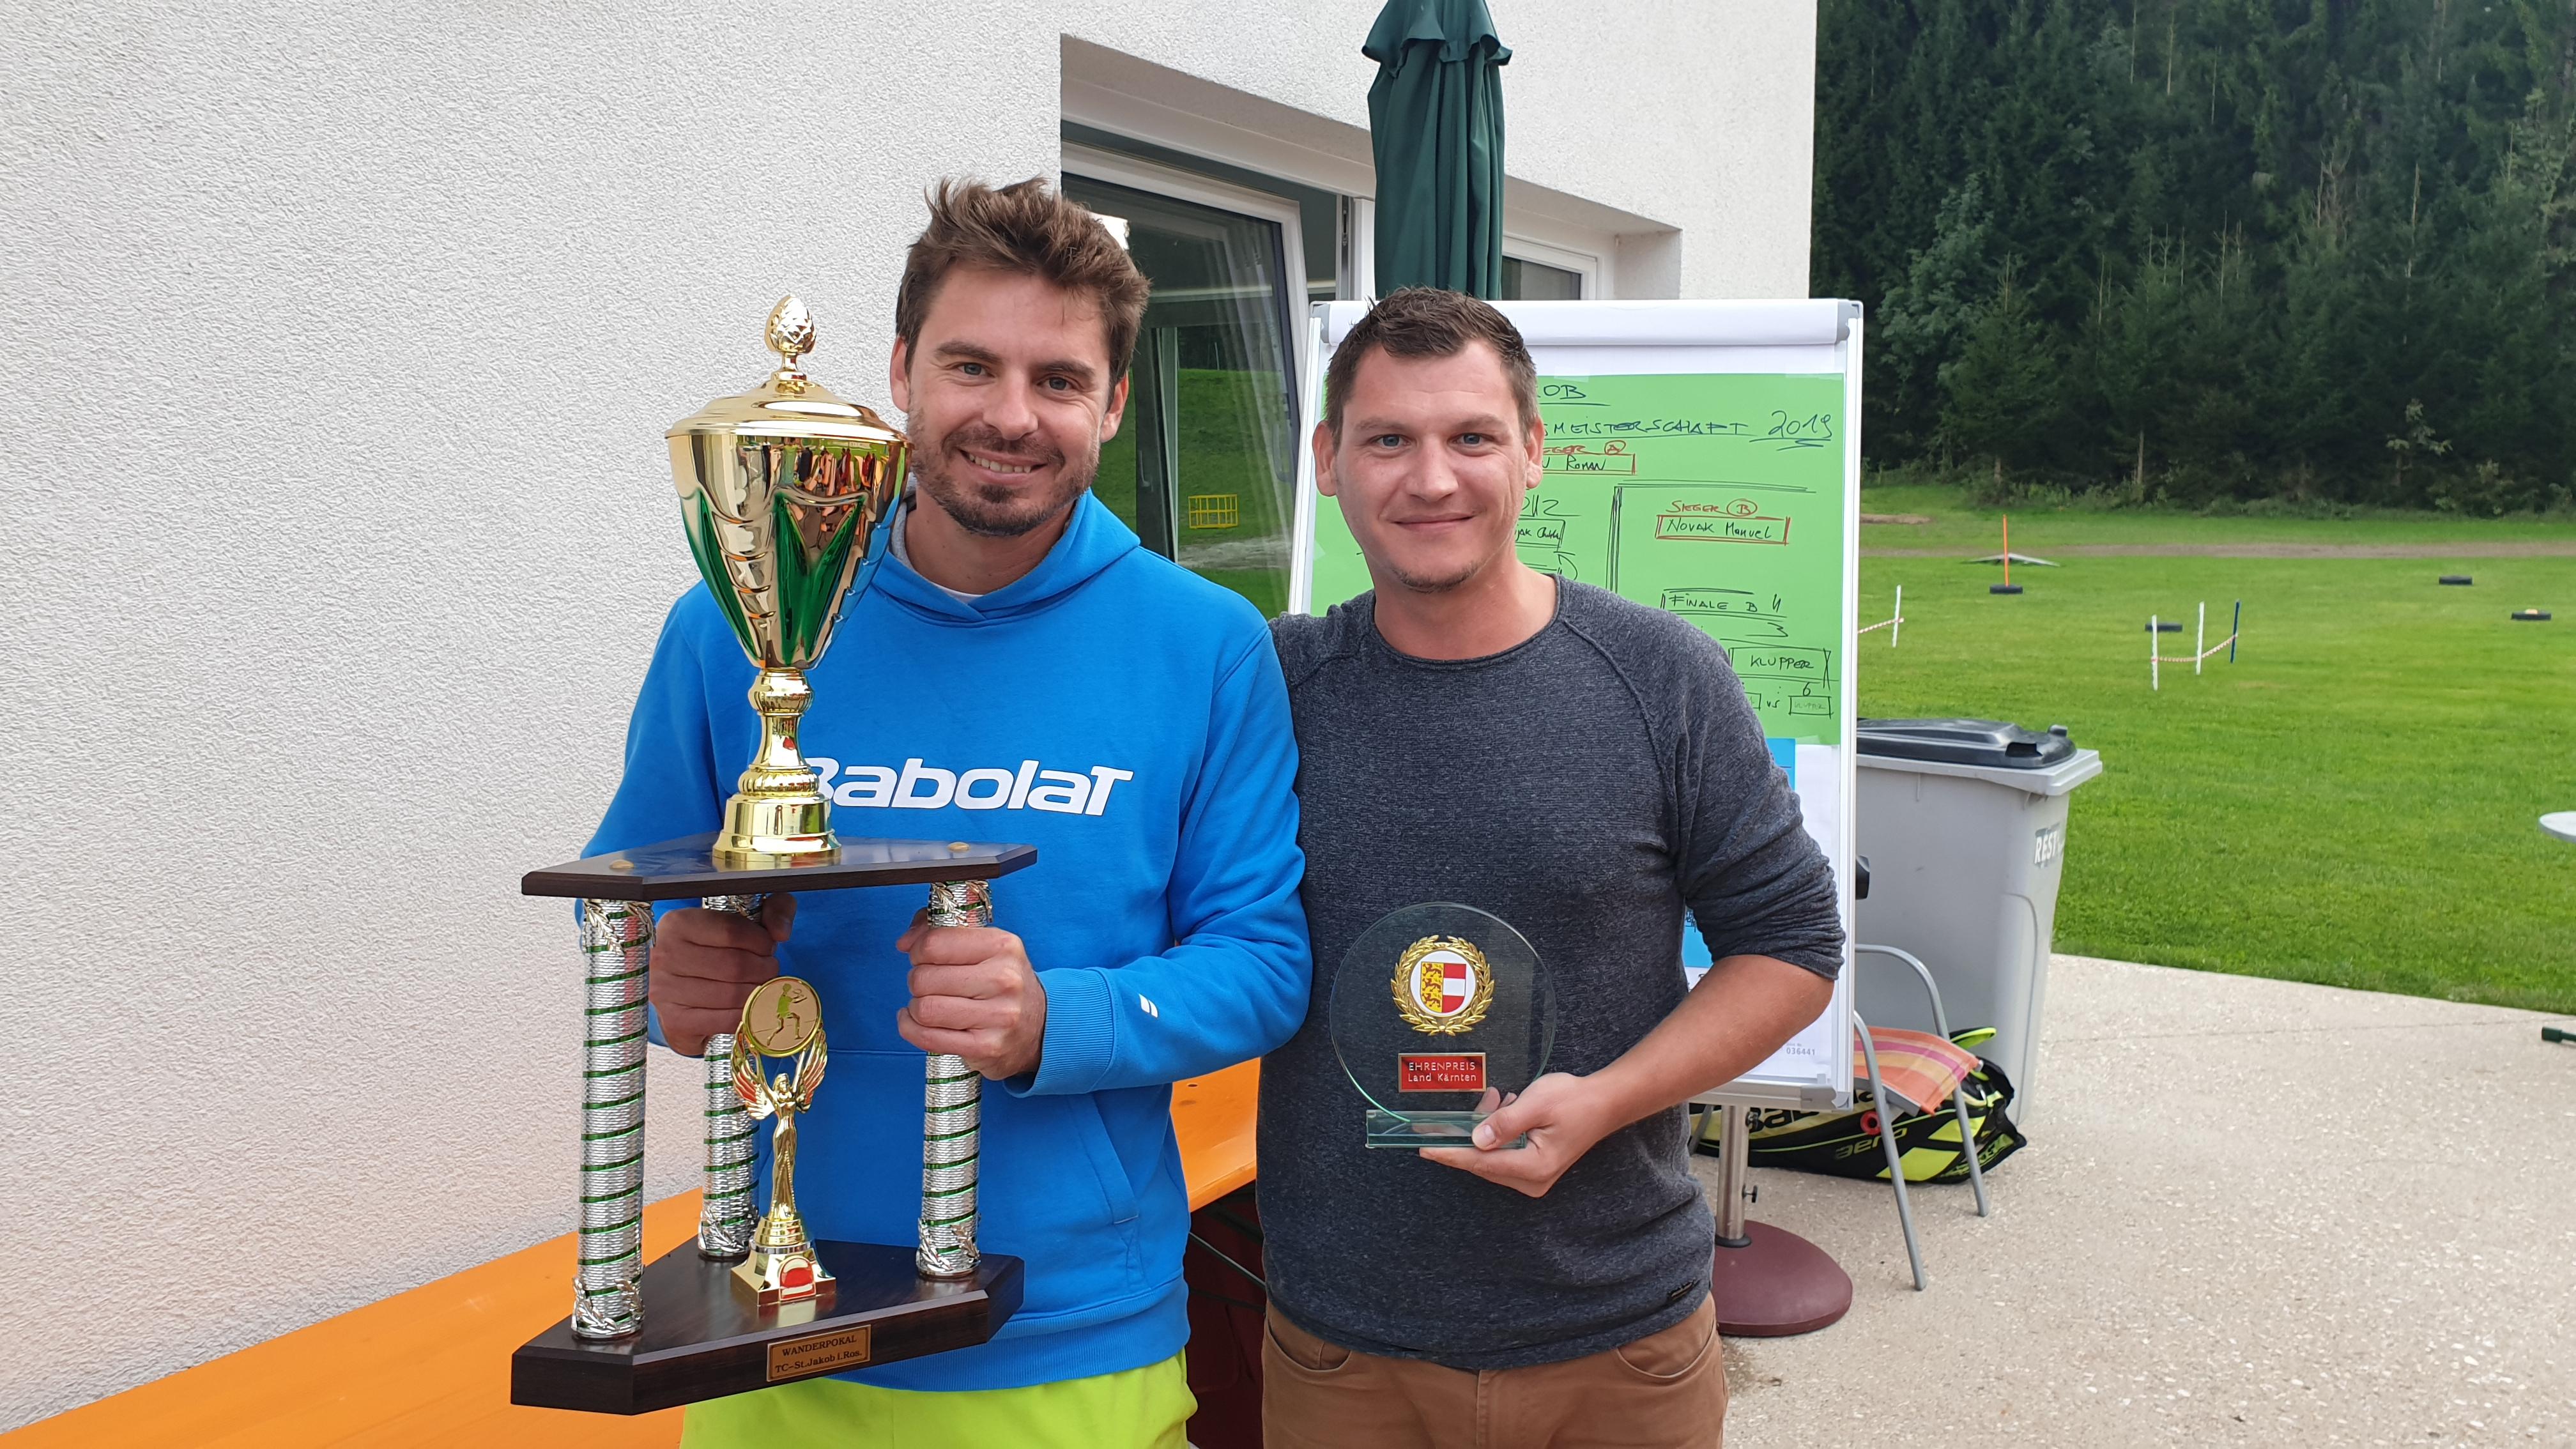 Sieger A Roman Koren und Sieger B Manuel Novak: